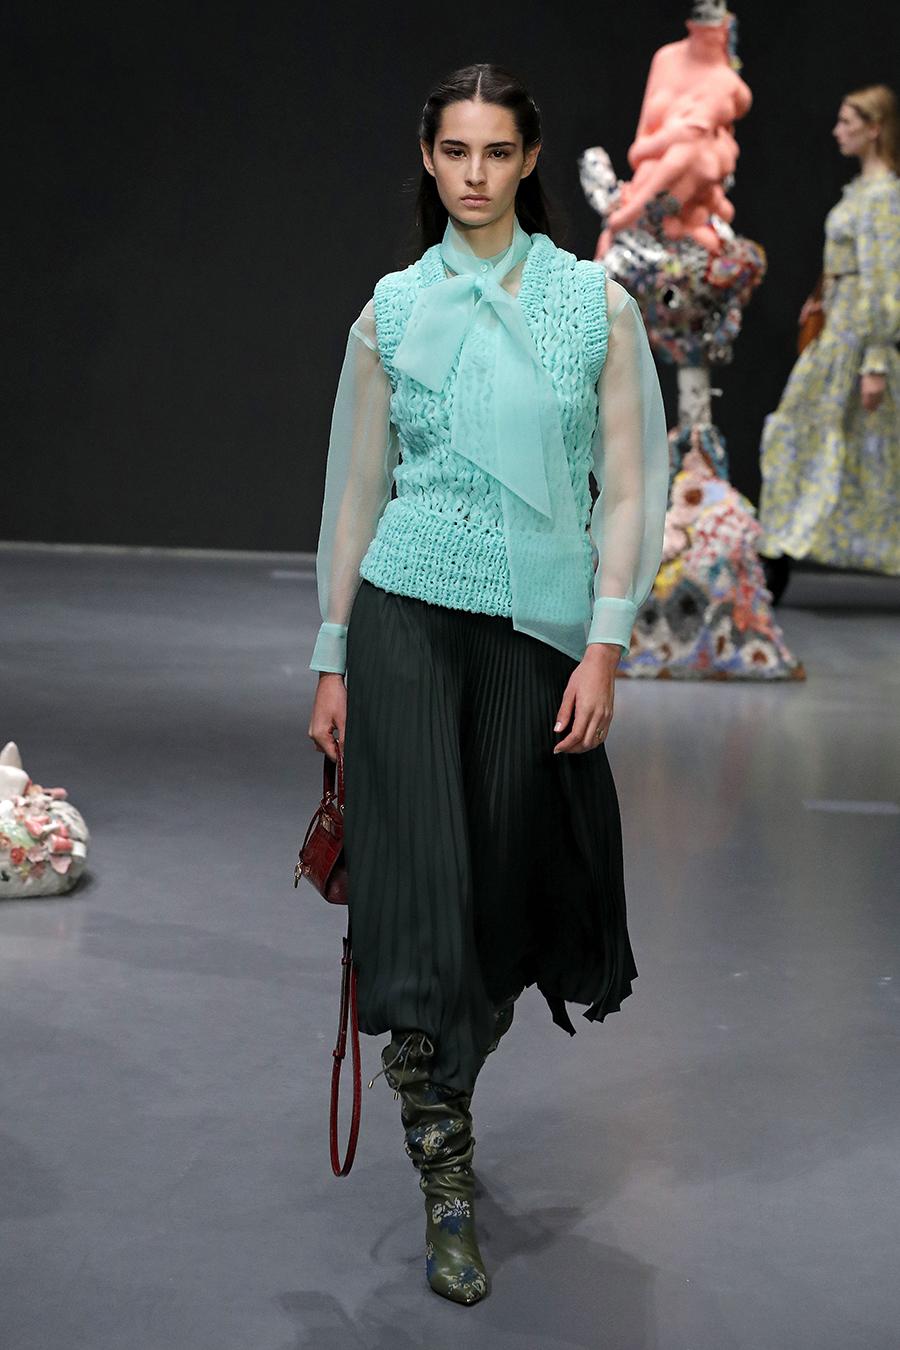 модный трикотажный вязаный жилет ажурный узкий мятный